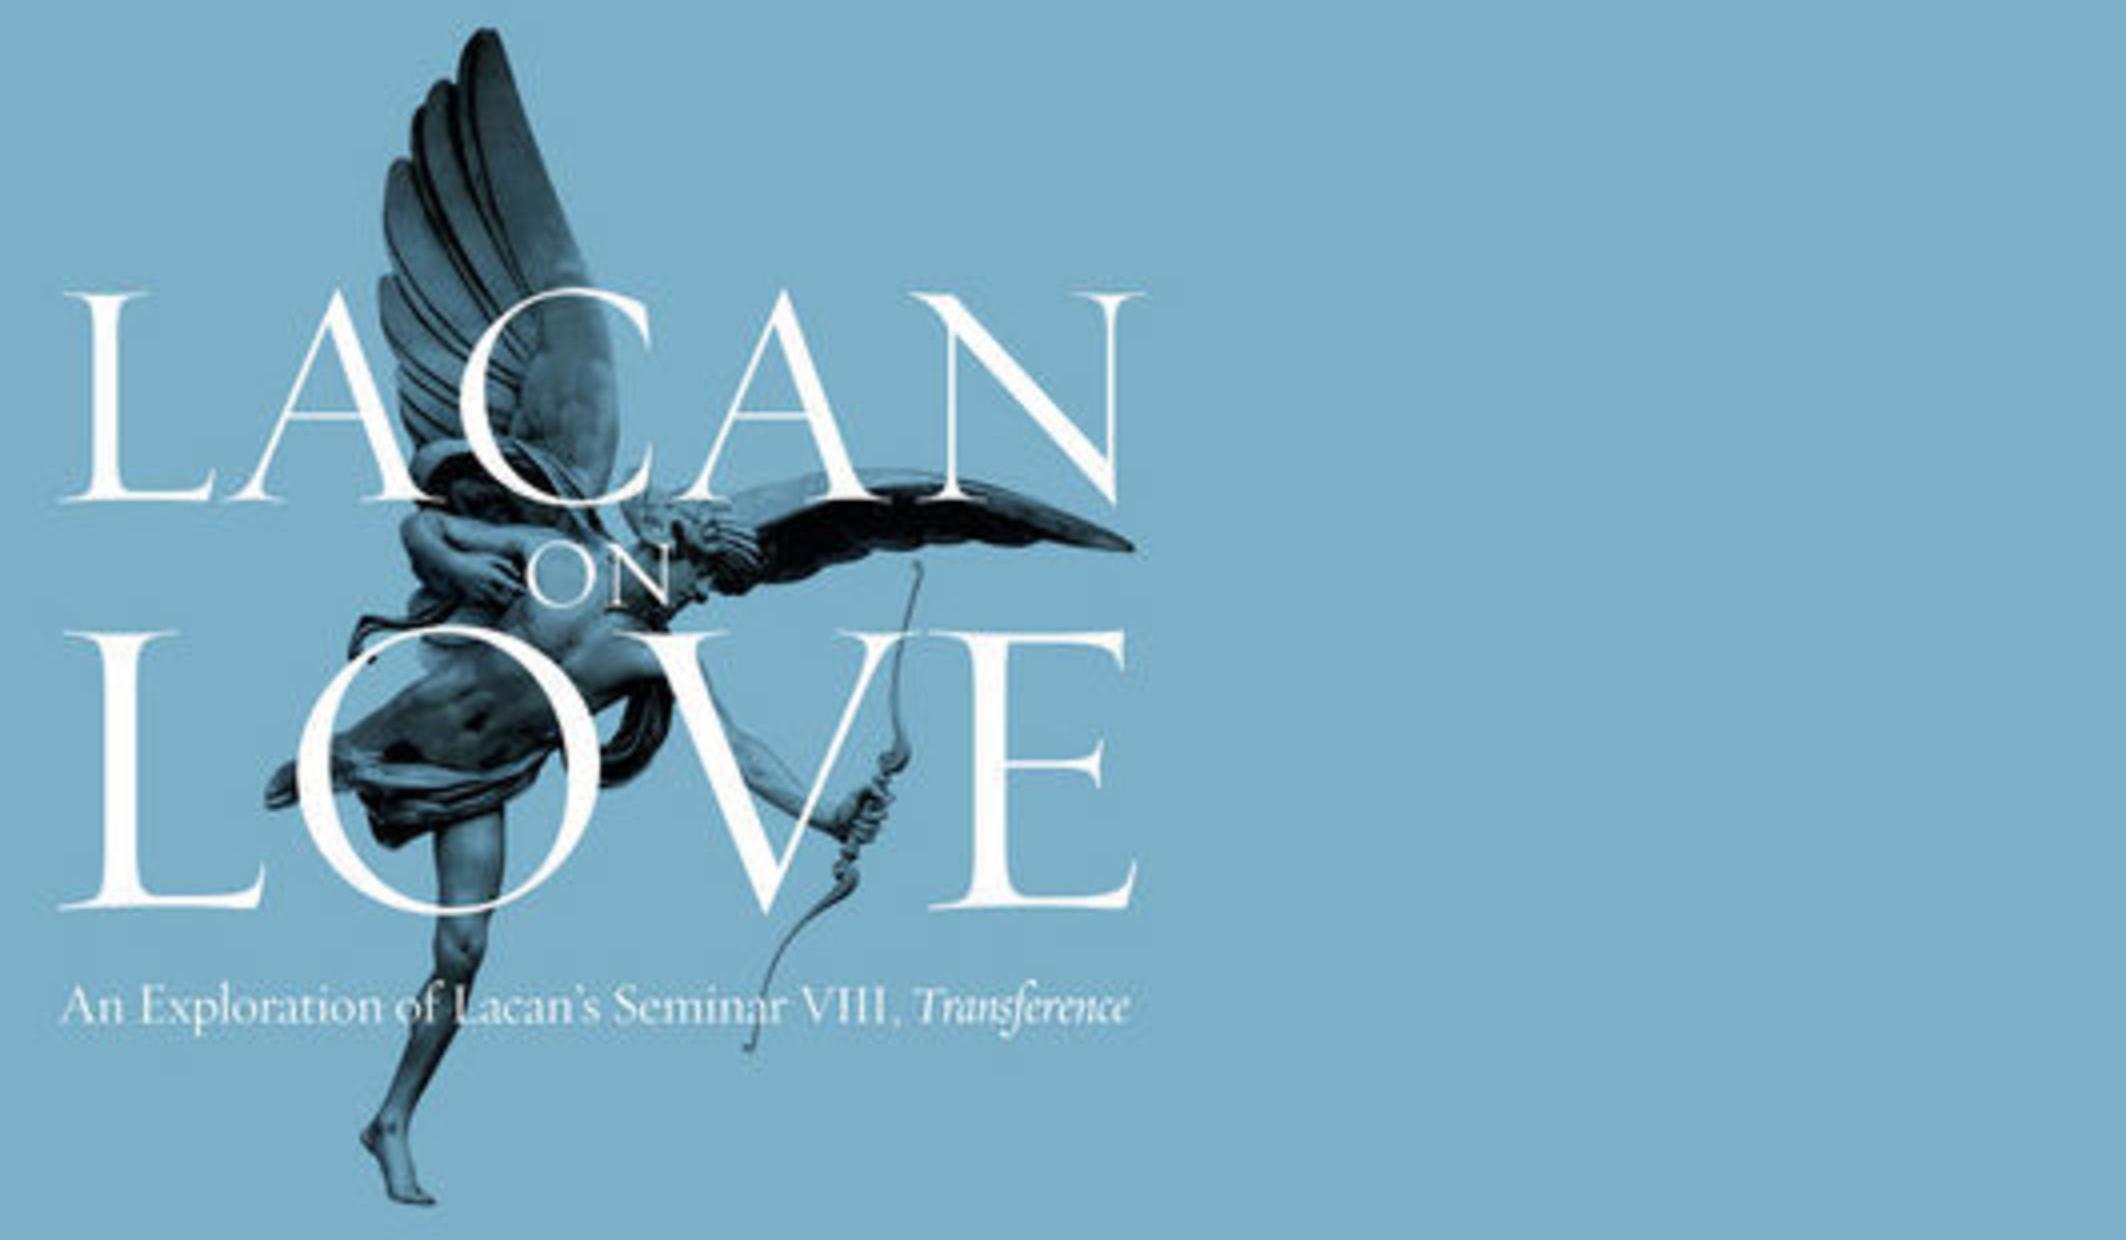 عاشق عشق شدن | لکان در باب عشق